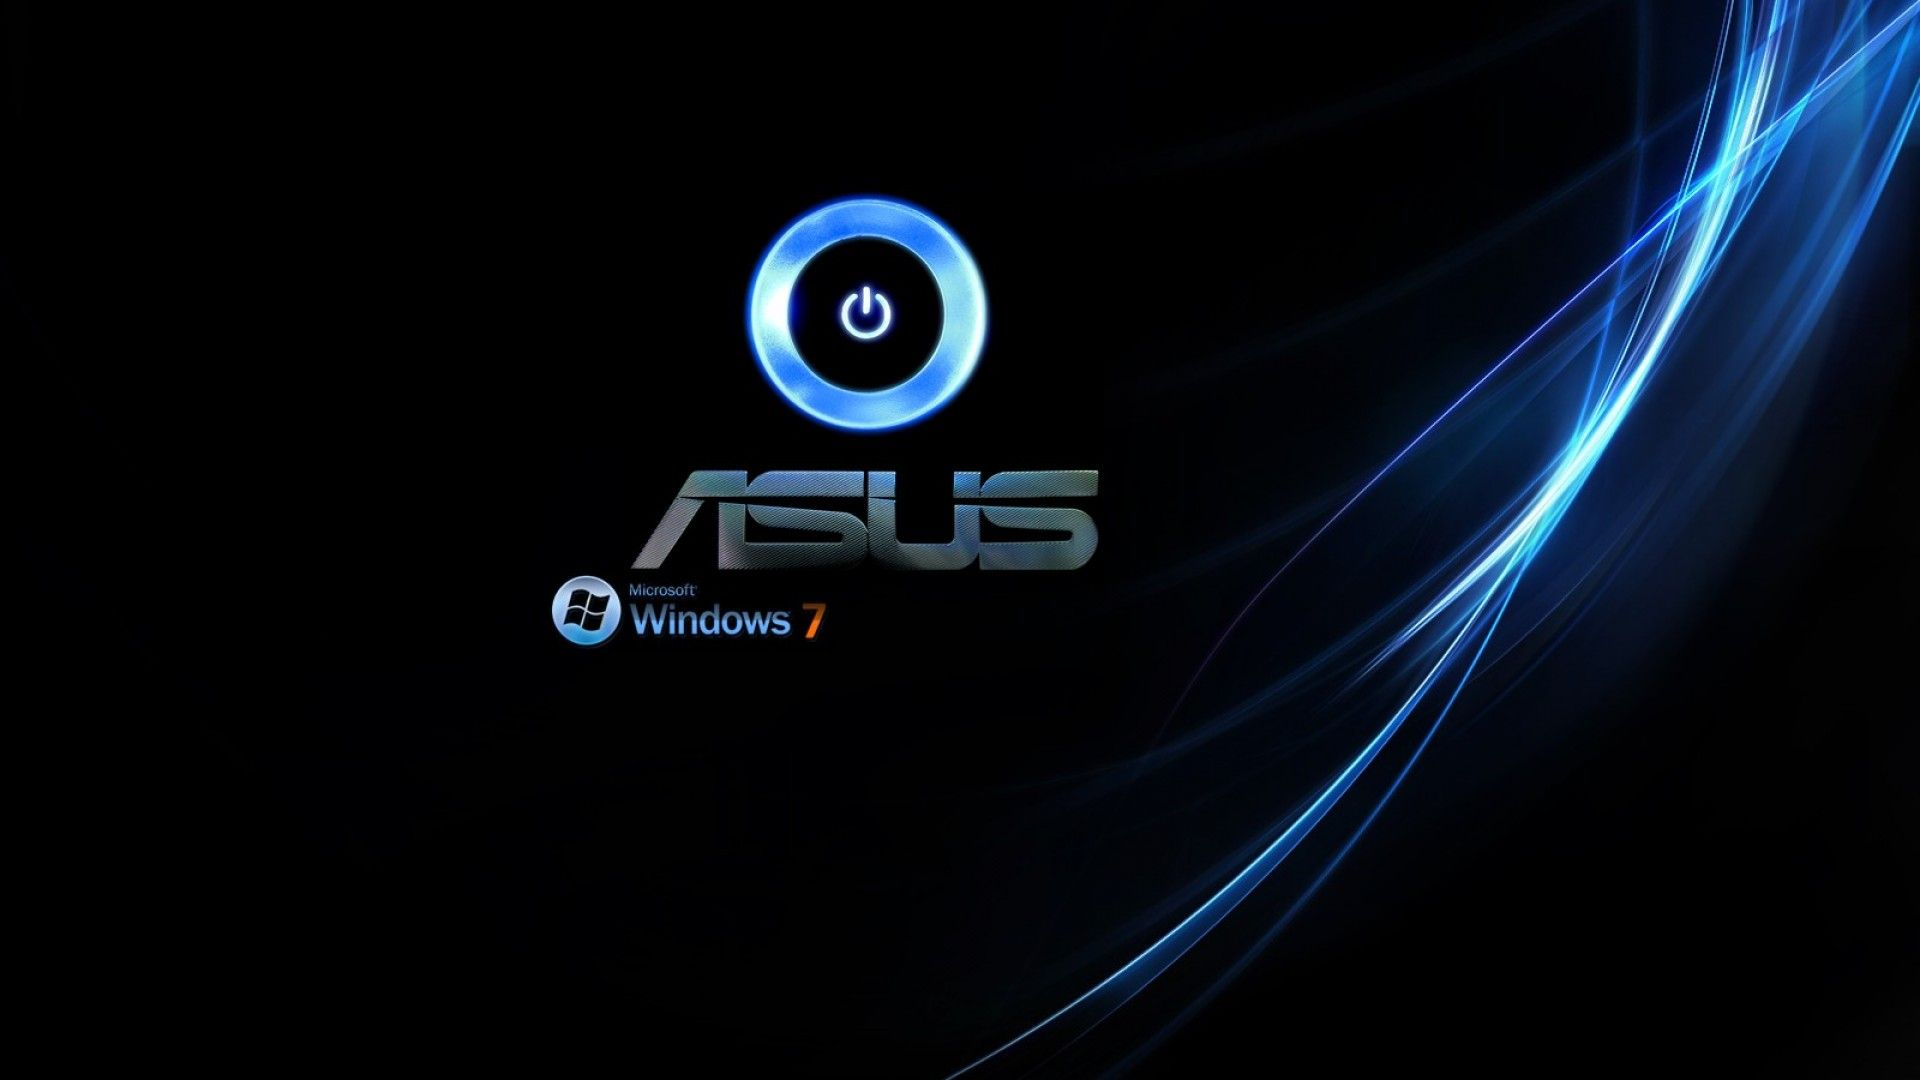 Asus Wallpaper Windows 7